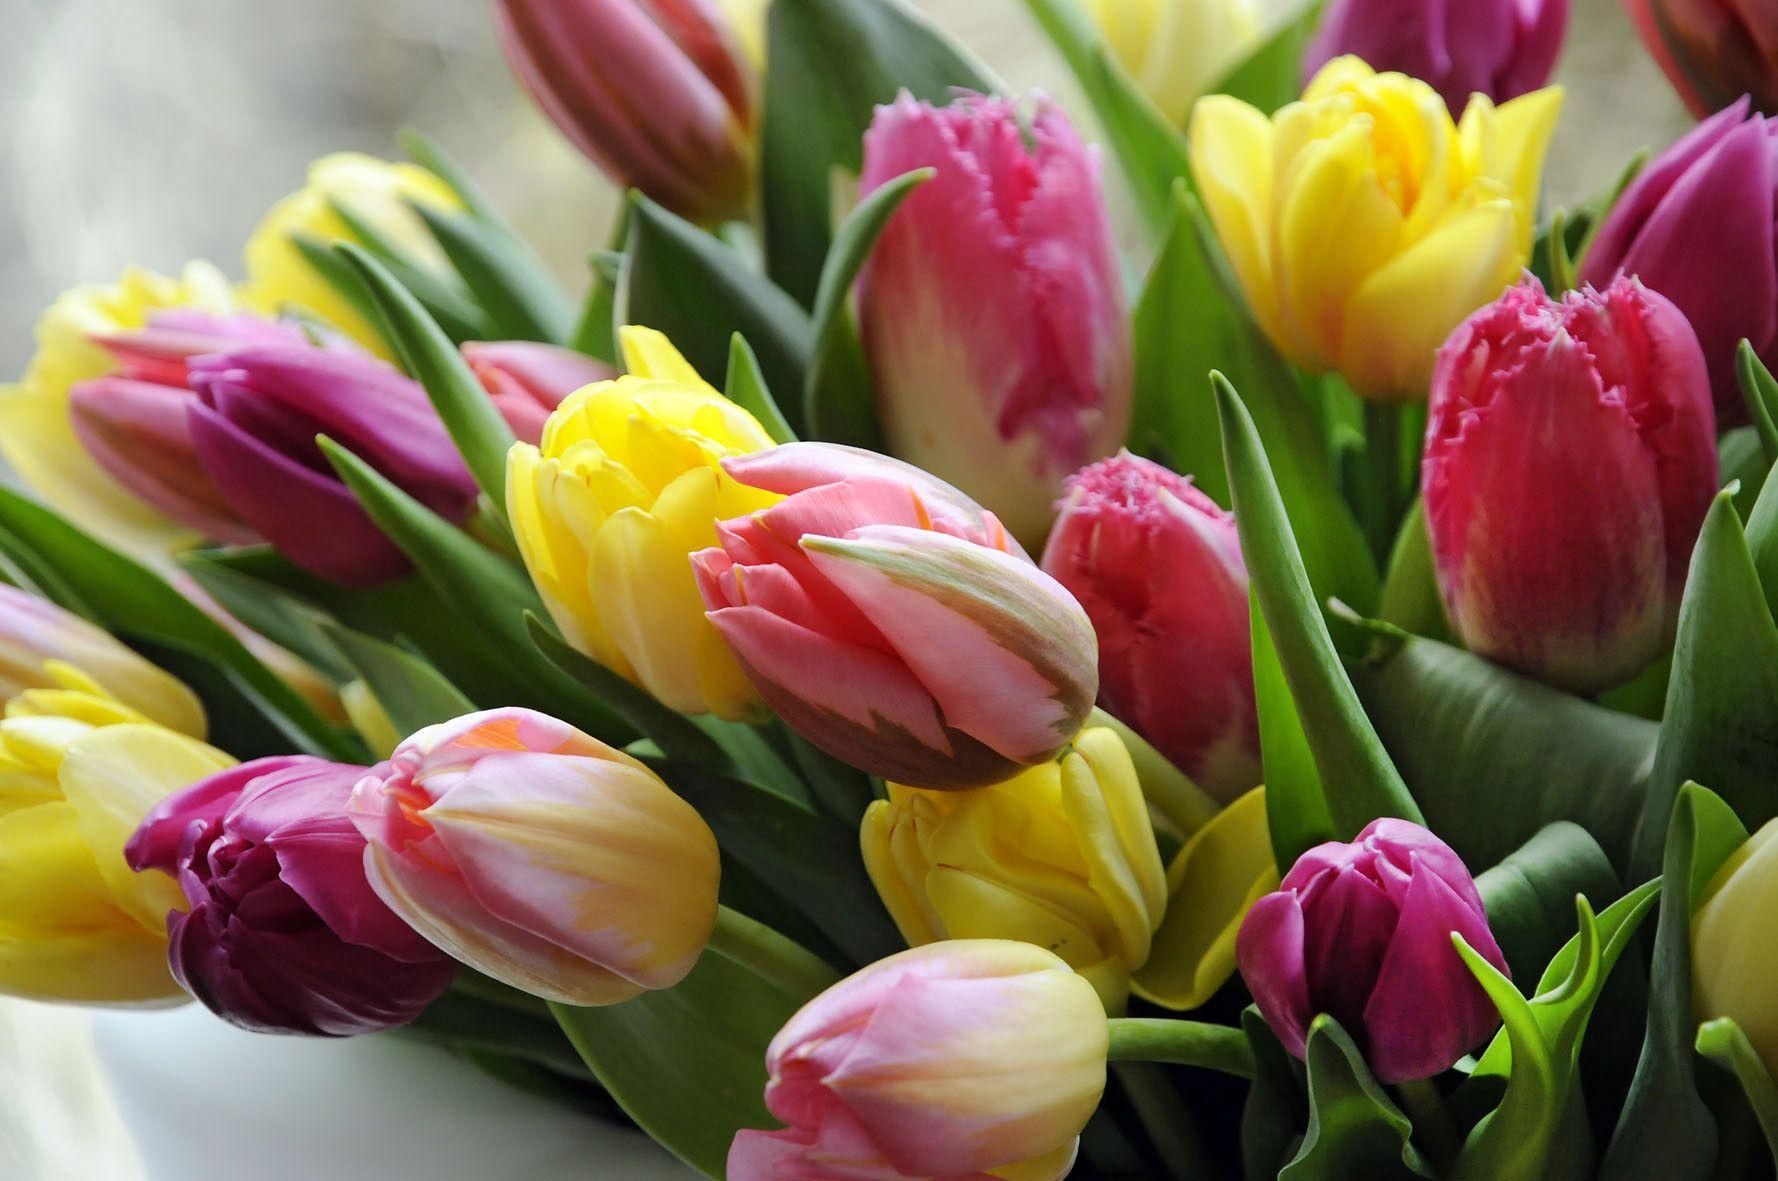 Открытки с тюльпанами фото 8 марта, доброй субботы хорошего